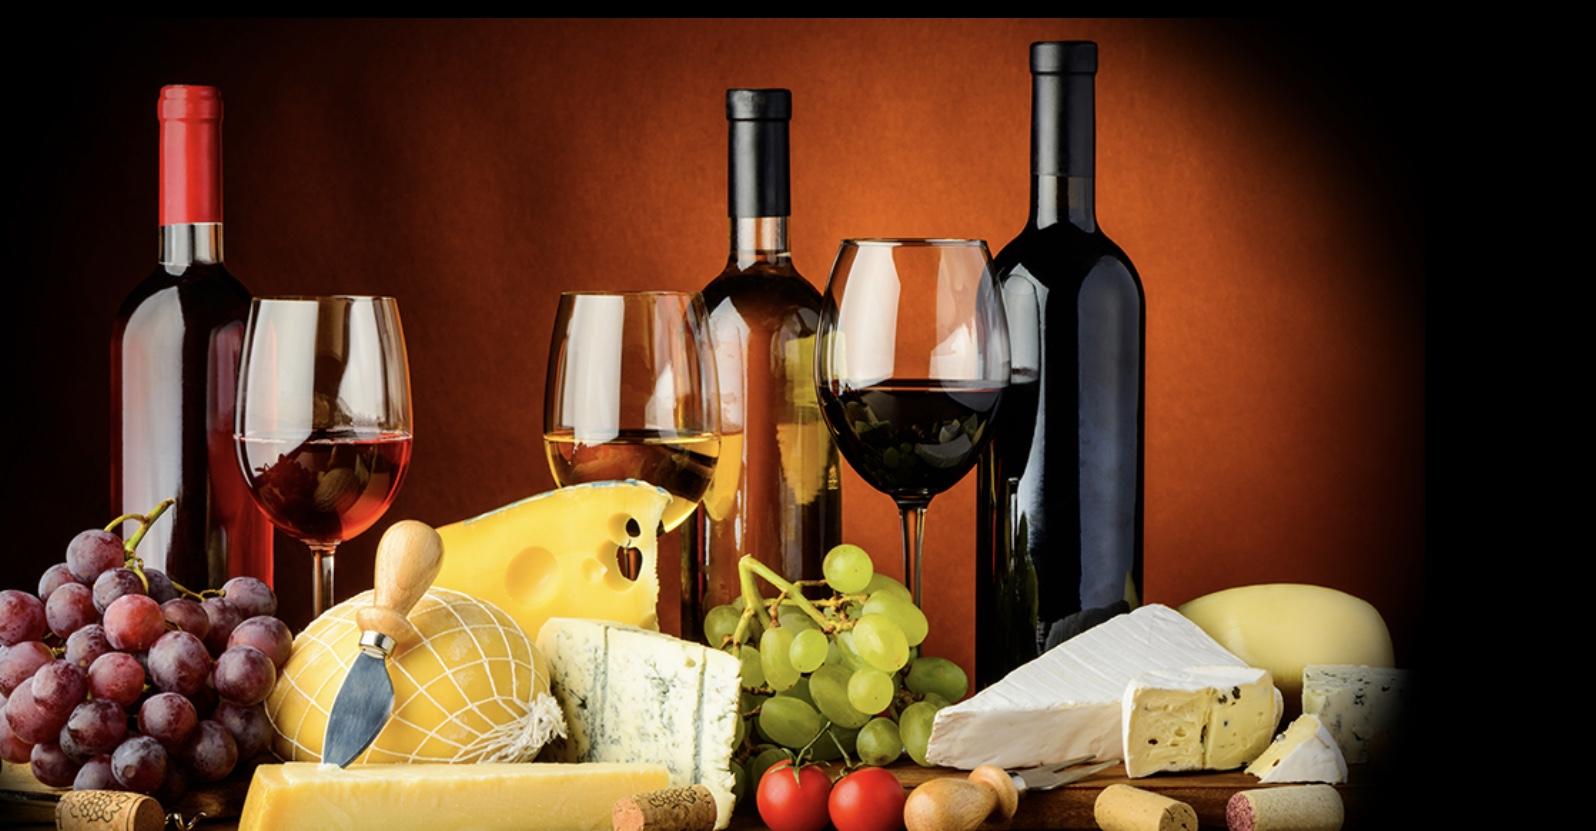 Вино в Израиле.Компания B-Leader («Лидер») ведущий импортер продуктов питания и элитного алкоголя